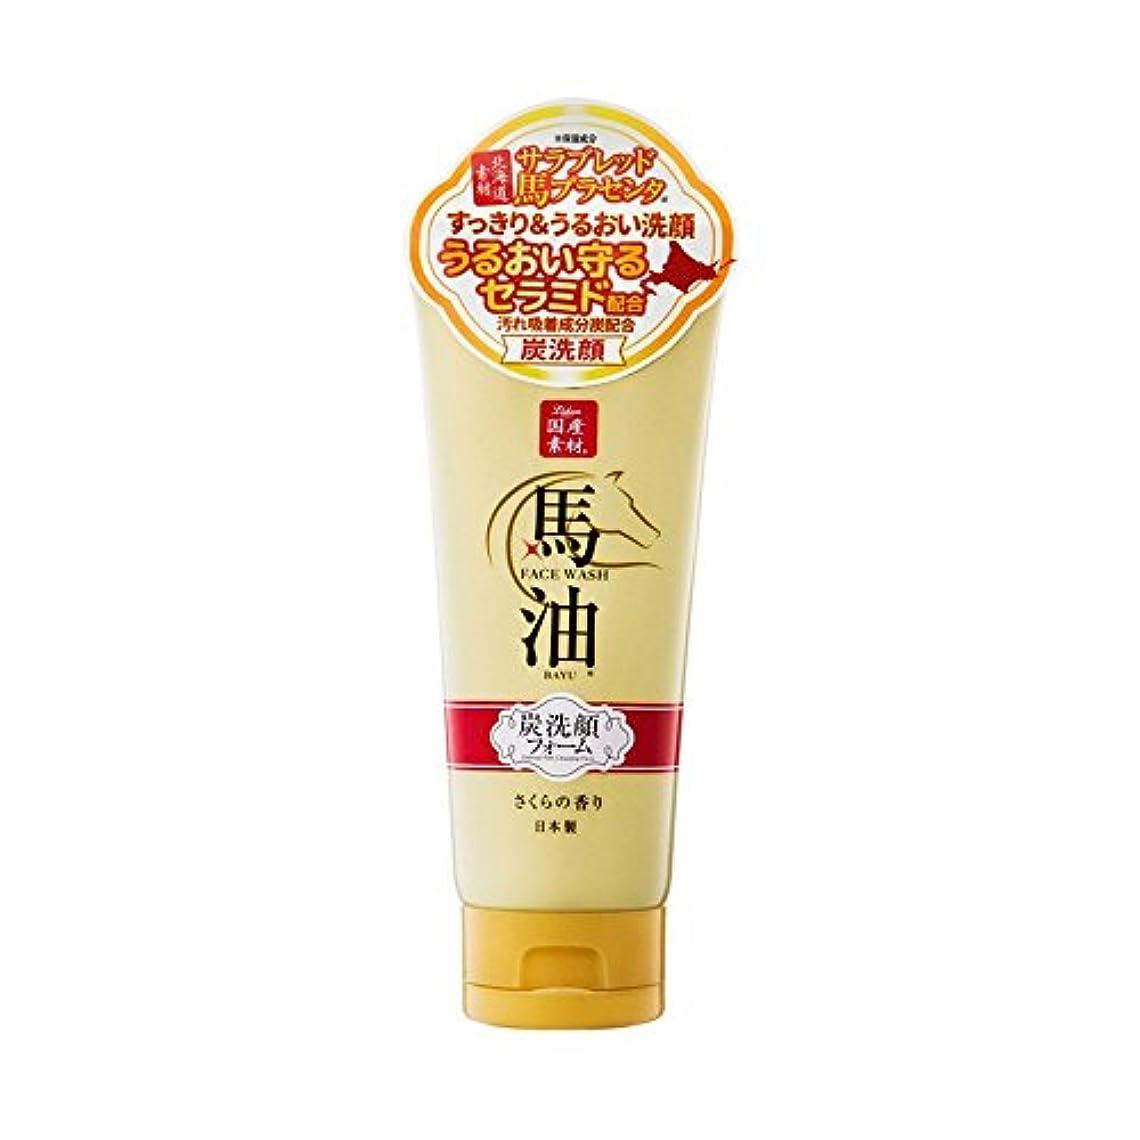 修道院インシデントくぼみリシャン 馬油&炭洗顔フォーム(さくらの香り)(内容量130g)